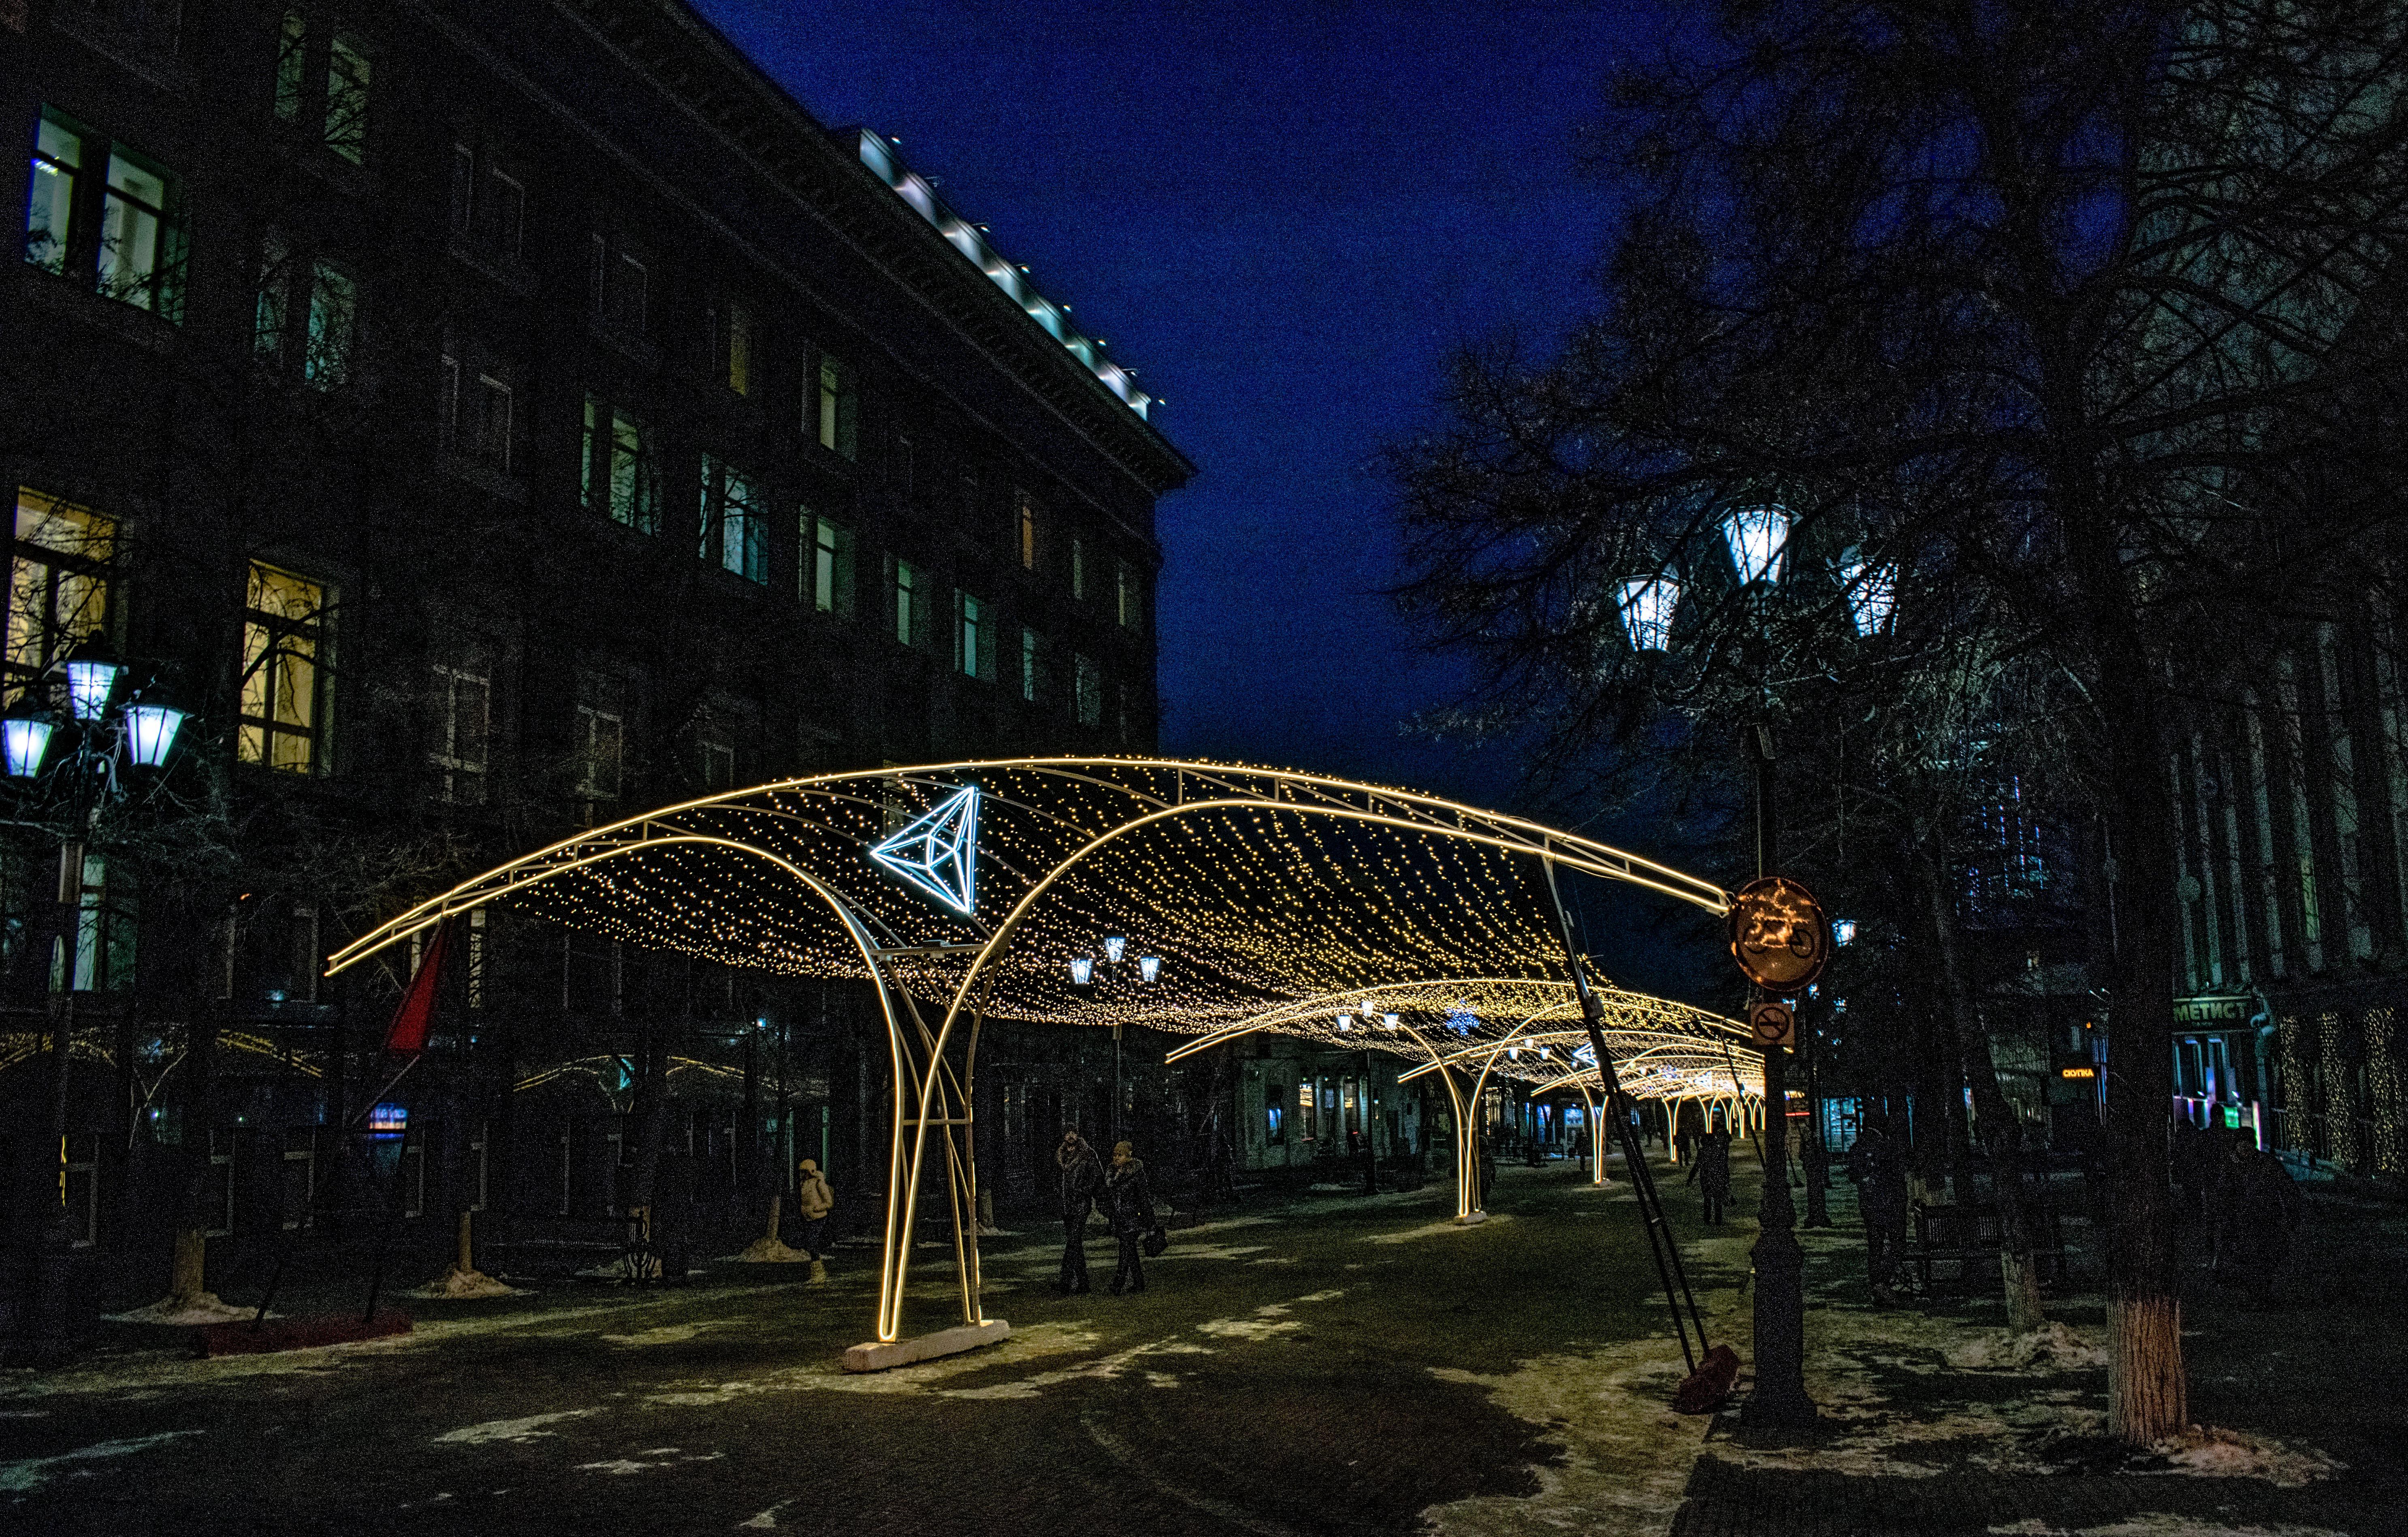 Челябинск, праздничная иллюминация ул. Кирова, пешеходная часть_8435